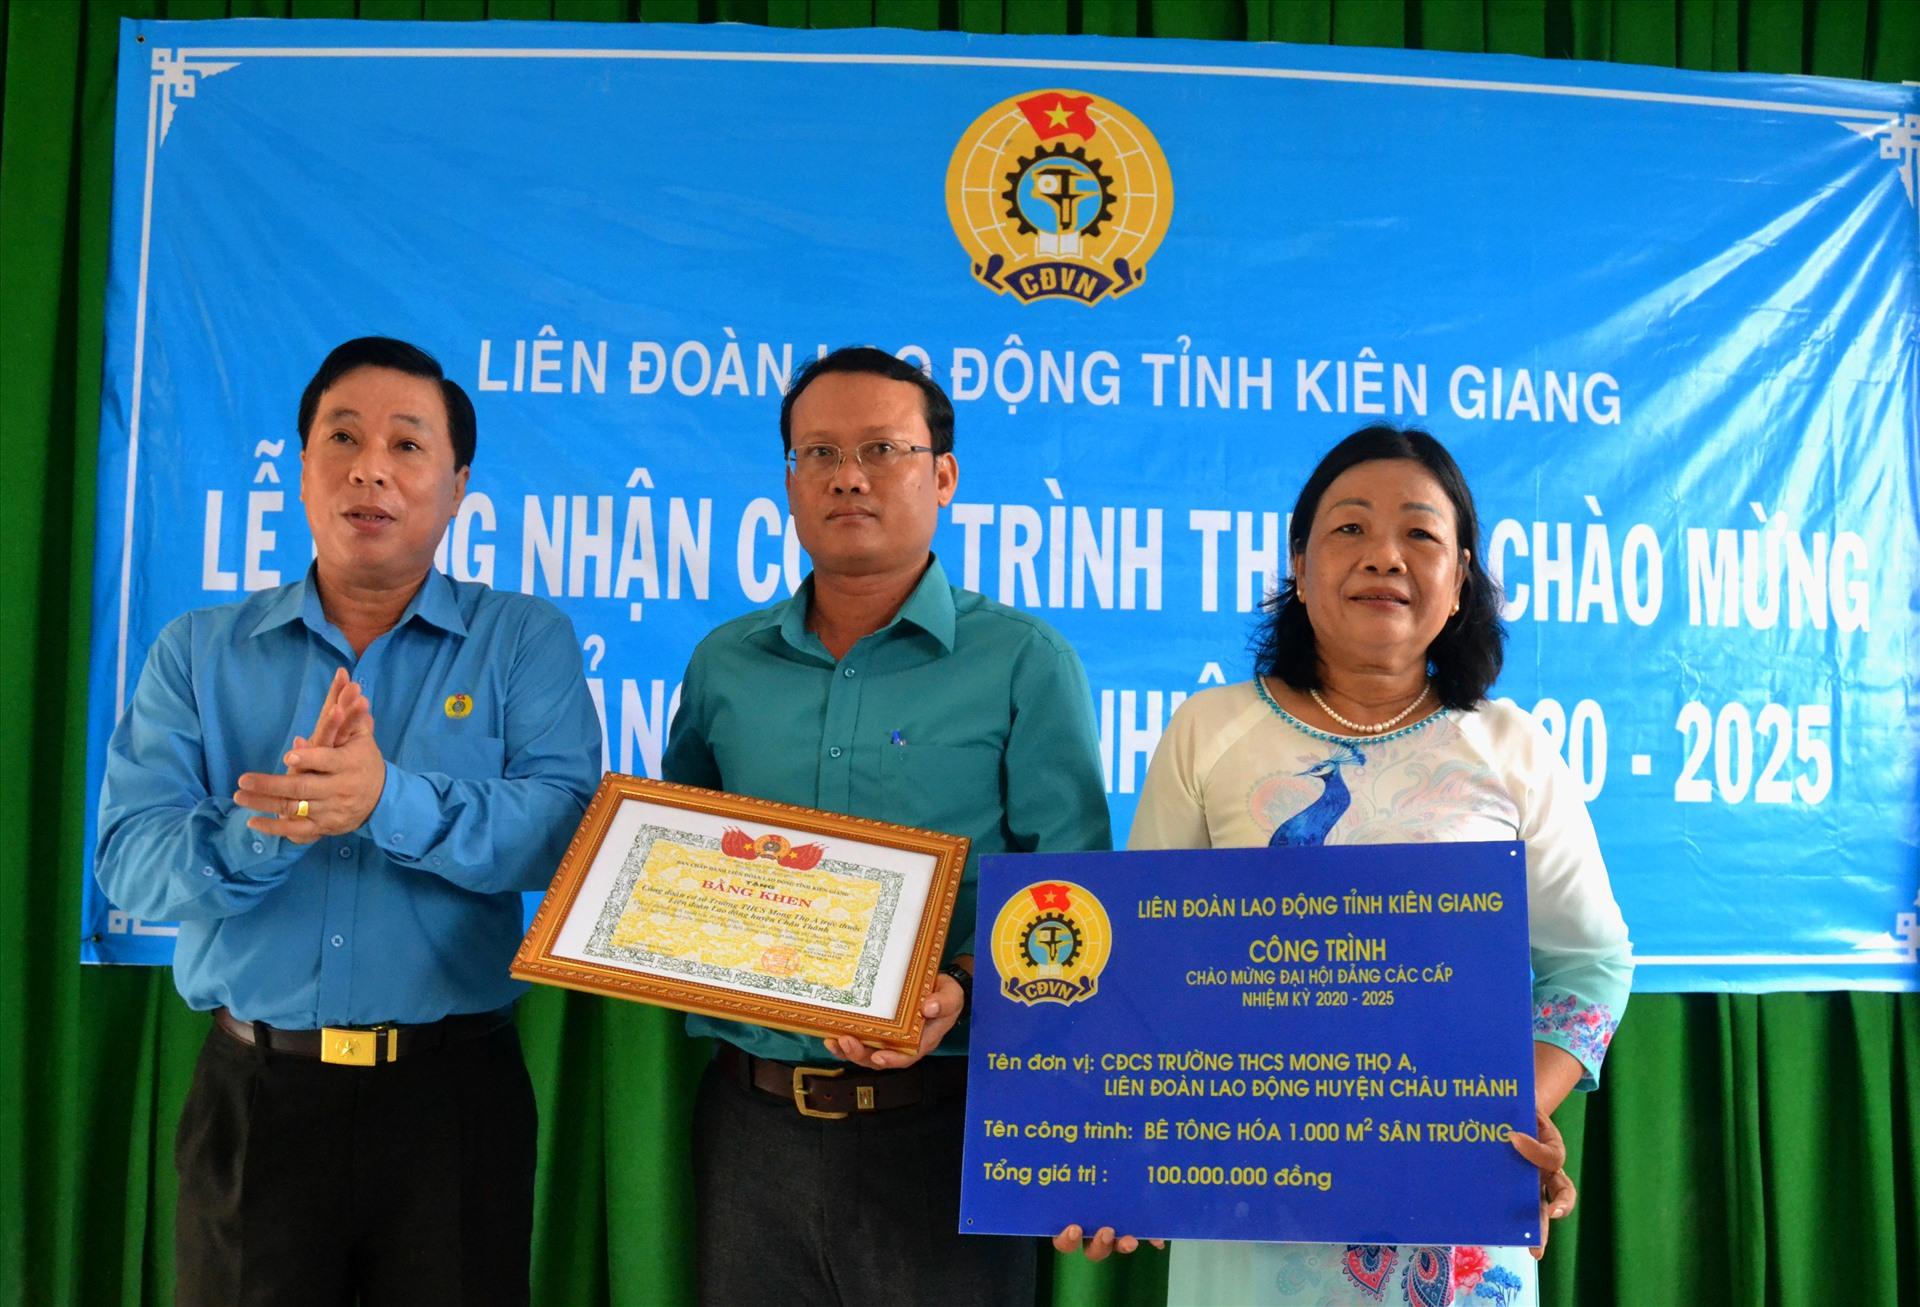 Tặng Bằng khen LĐLĐ cho công trình CĐCS Trường THCS Mong Thọ A. Ảnh: LT